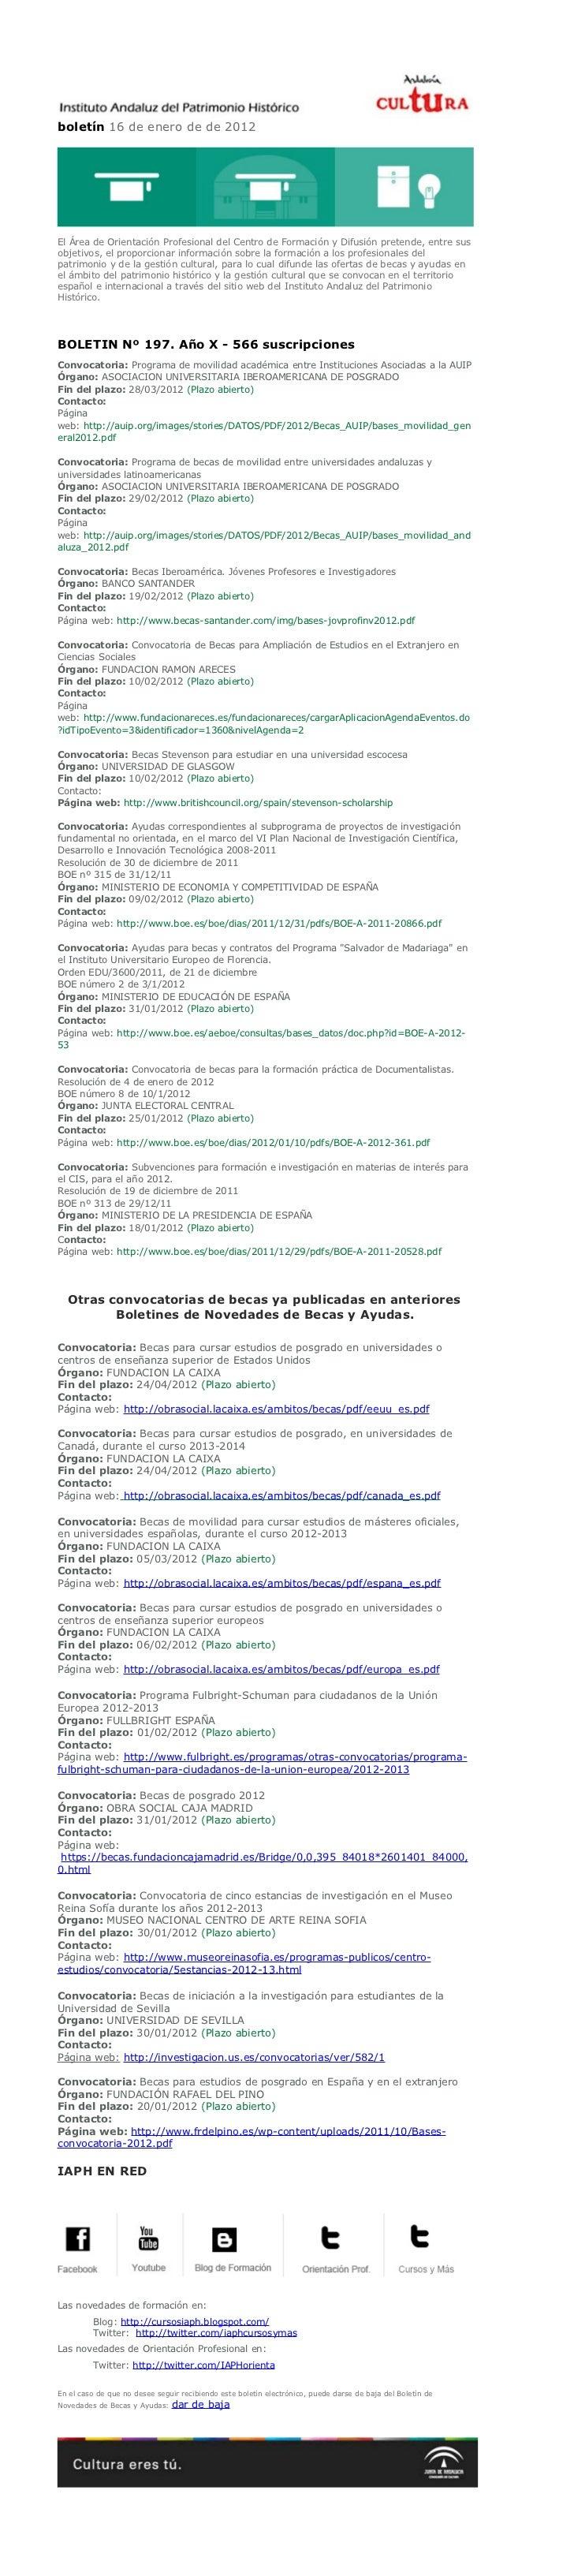 boletín 16 de enero de de 2012El Área de Orientación Profesional del Centro de Formación y Difusión pretende, entre susobj...